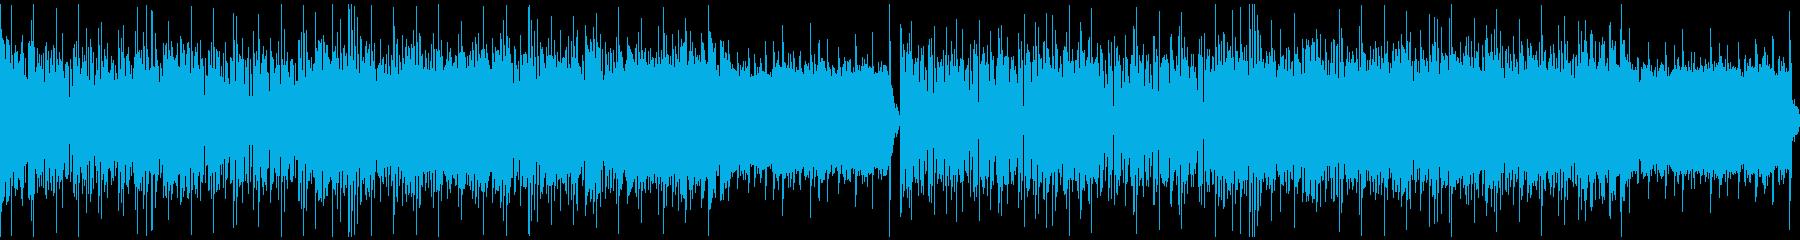 超攻撃的!メタル、ギターリフ、ループ。の再生済みの波形